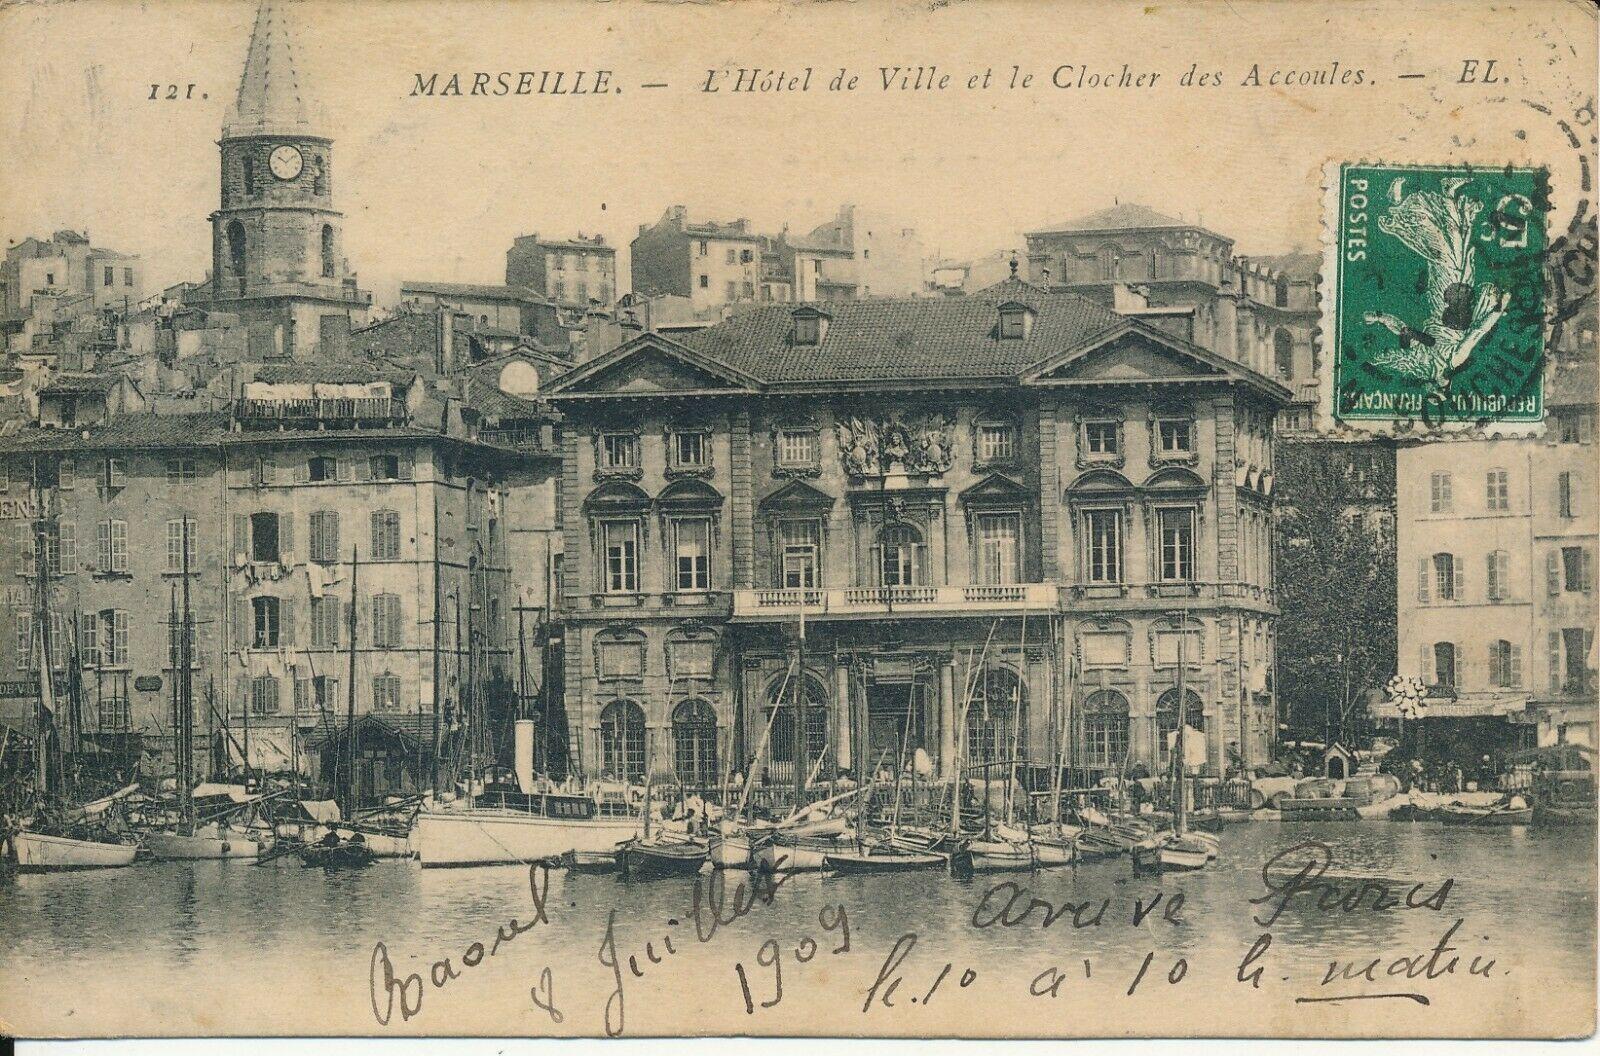 Détails sur C8171 - Une Carte Postale Ancienne MARSEILLE Voir Photo | Cartes postales anciennes ...